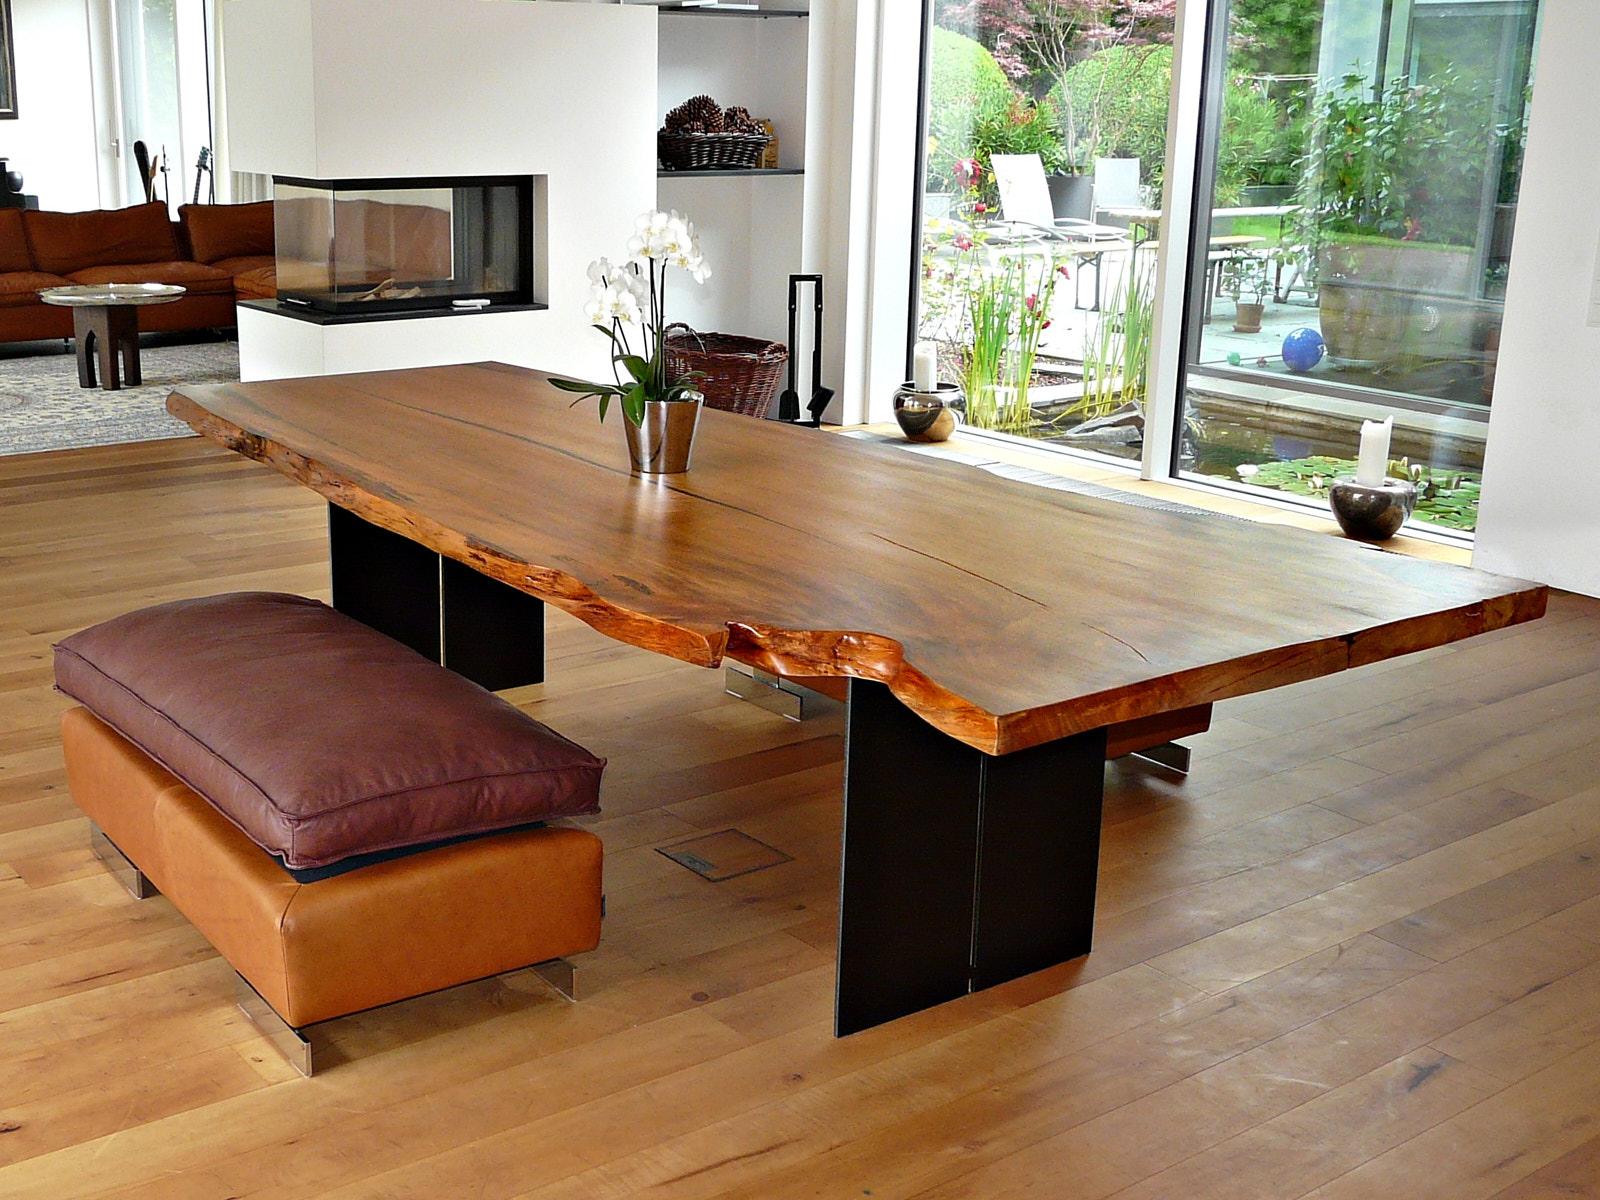 Großer Wohnzimmertisch als exklusives Tischunikat mit Tischplatte aus altem Baumstamm als besonderes Einrichtungsmöbel